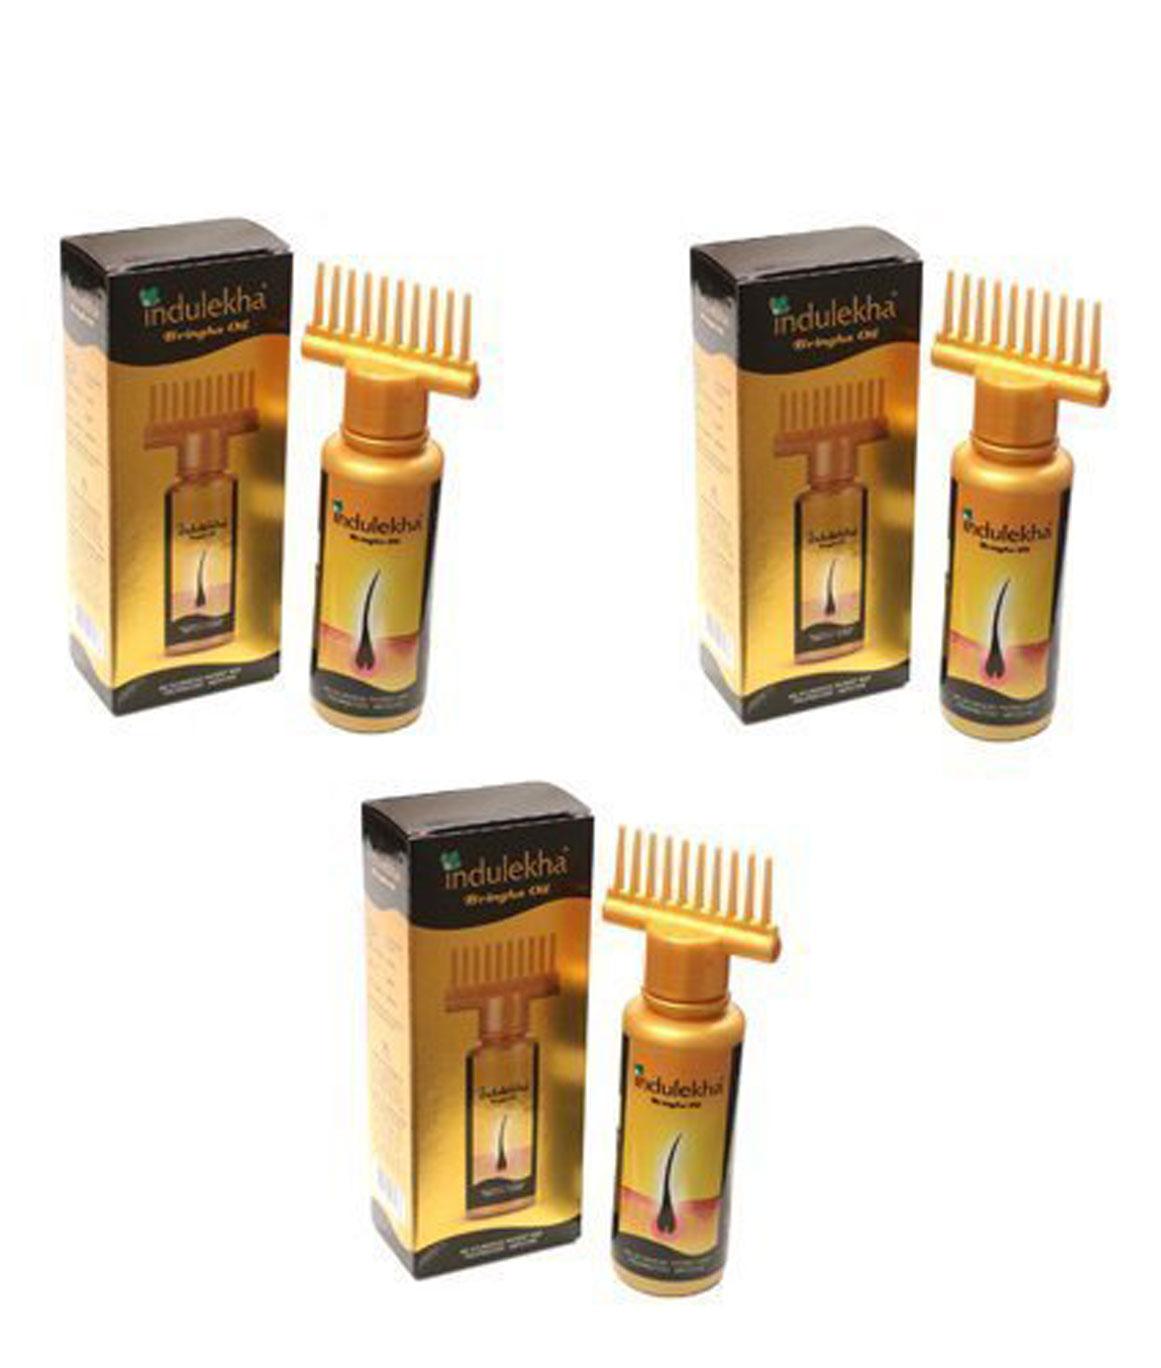 3 x Indulekha Bringha Complete Hair Care Oil 100ml